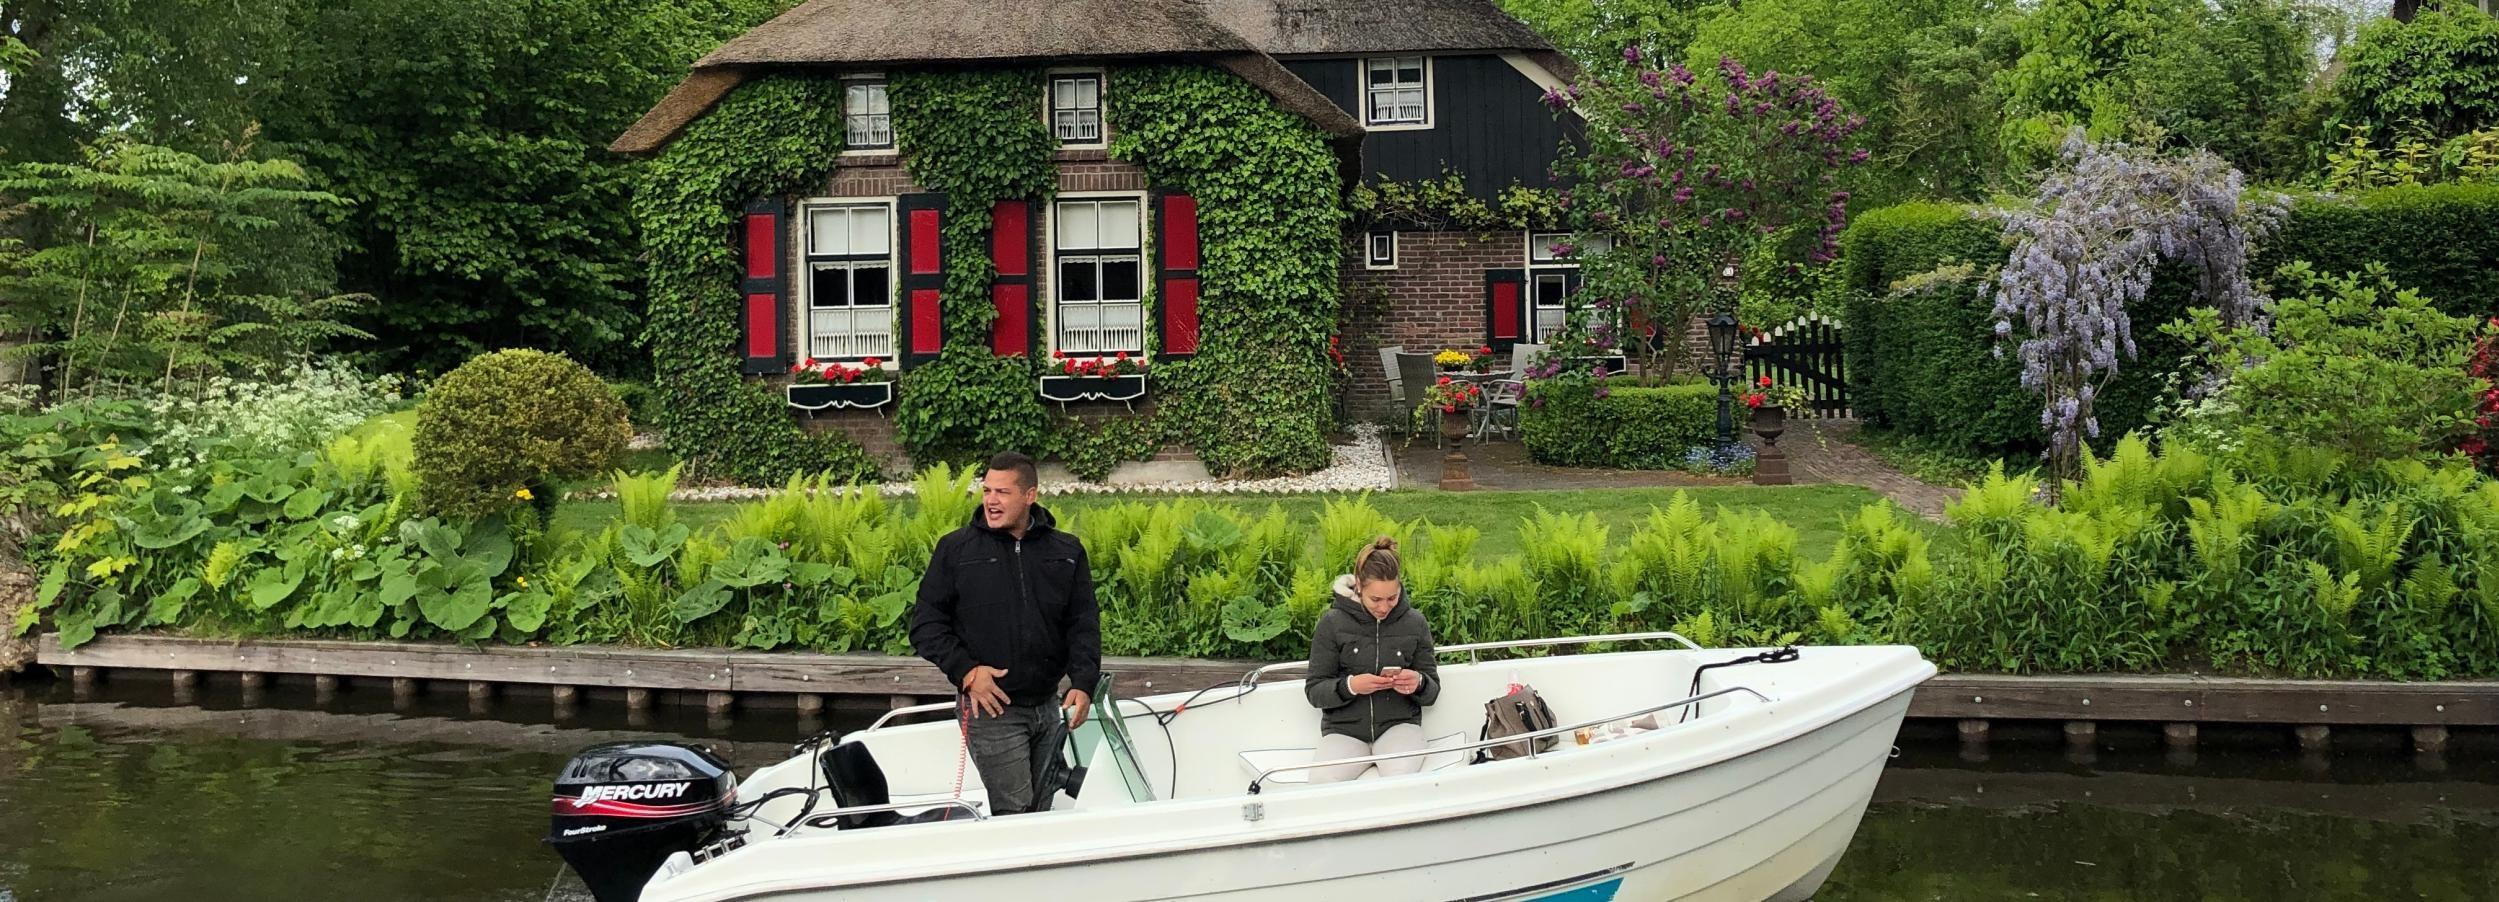 Amsterdam: Giethoorn, Volendam, and Zaanse Schans Tour